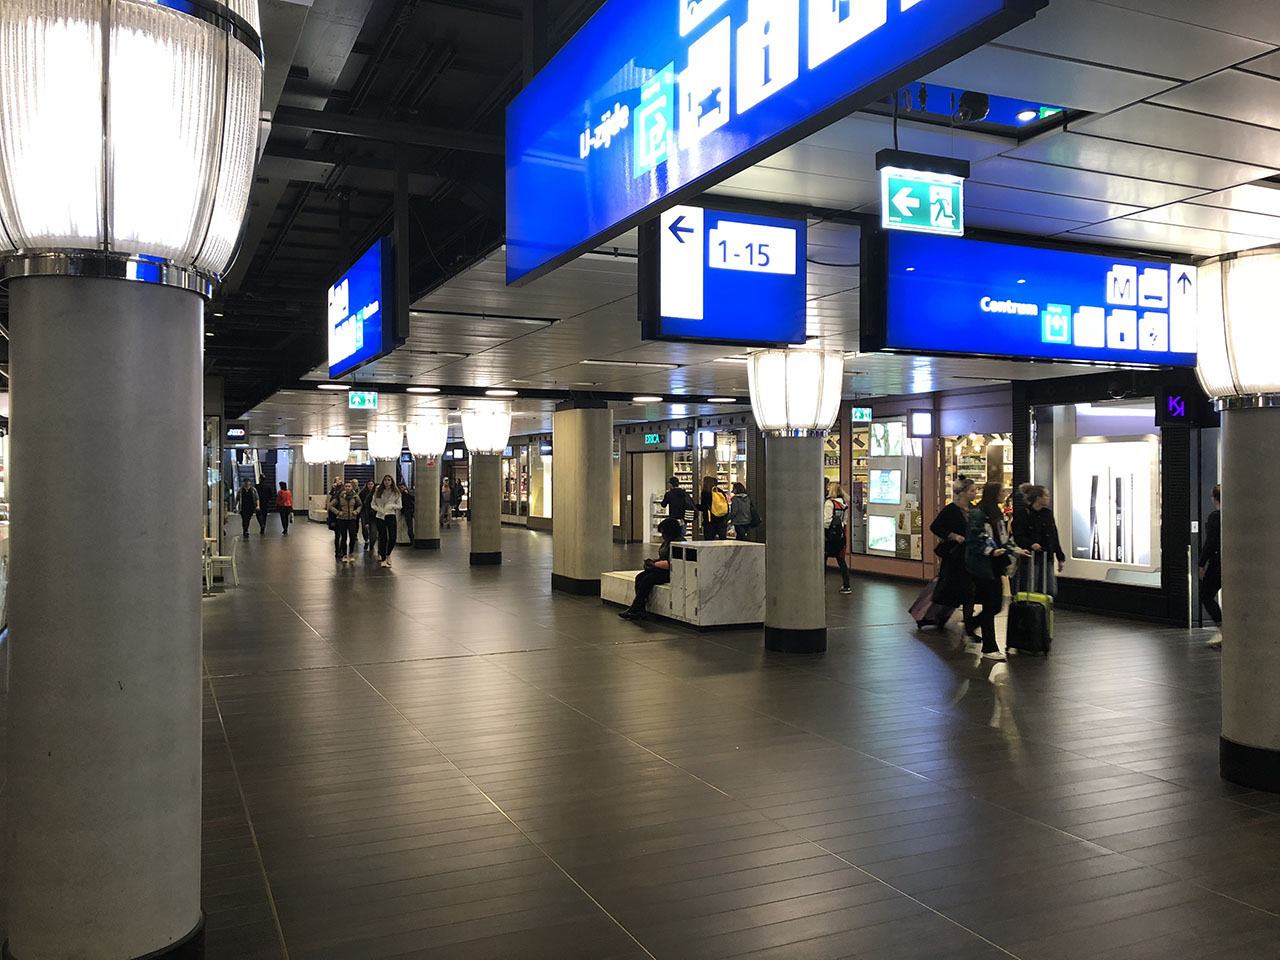 Stationshal, foto gemaakt met iPhone 8 Plus